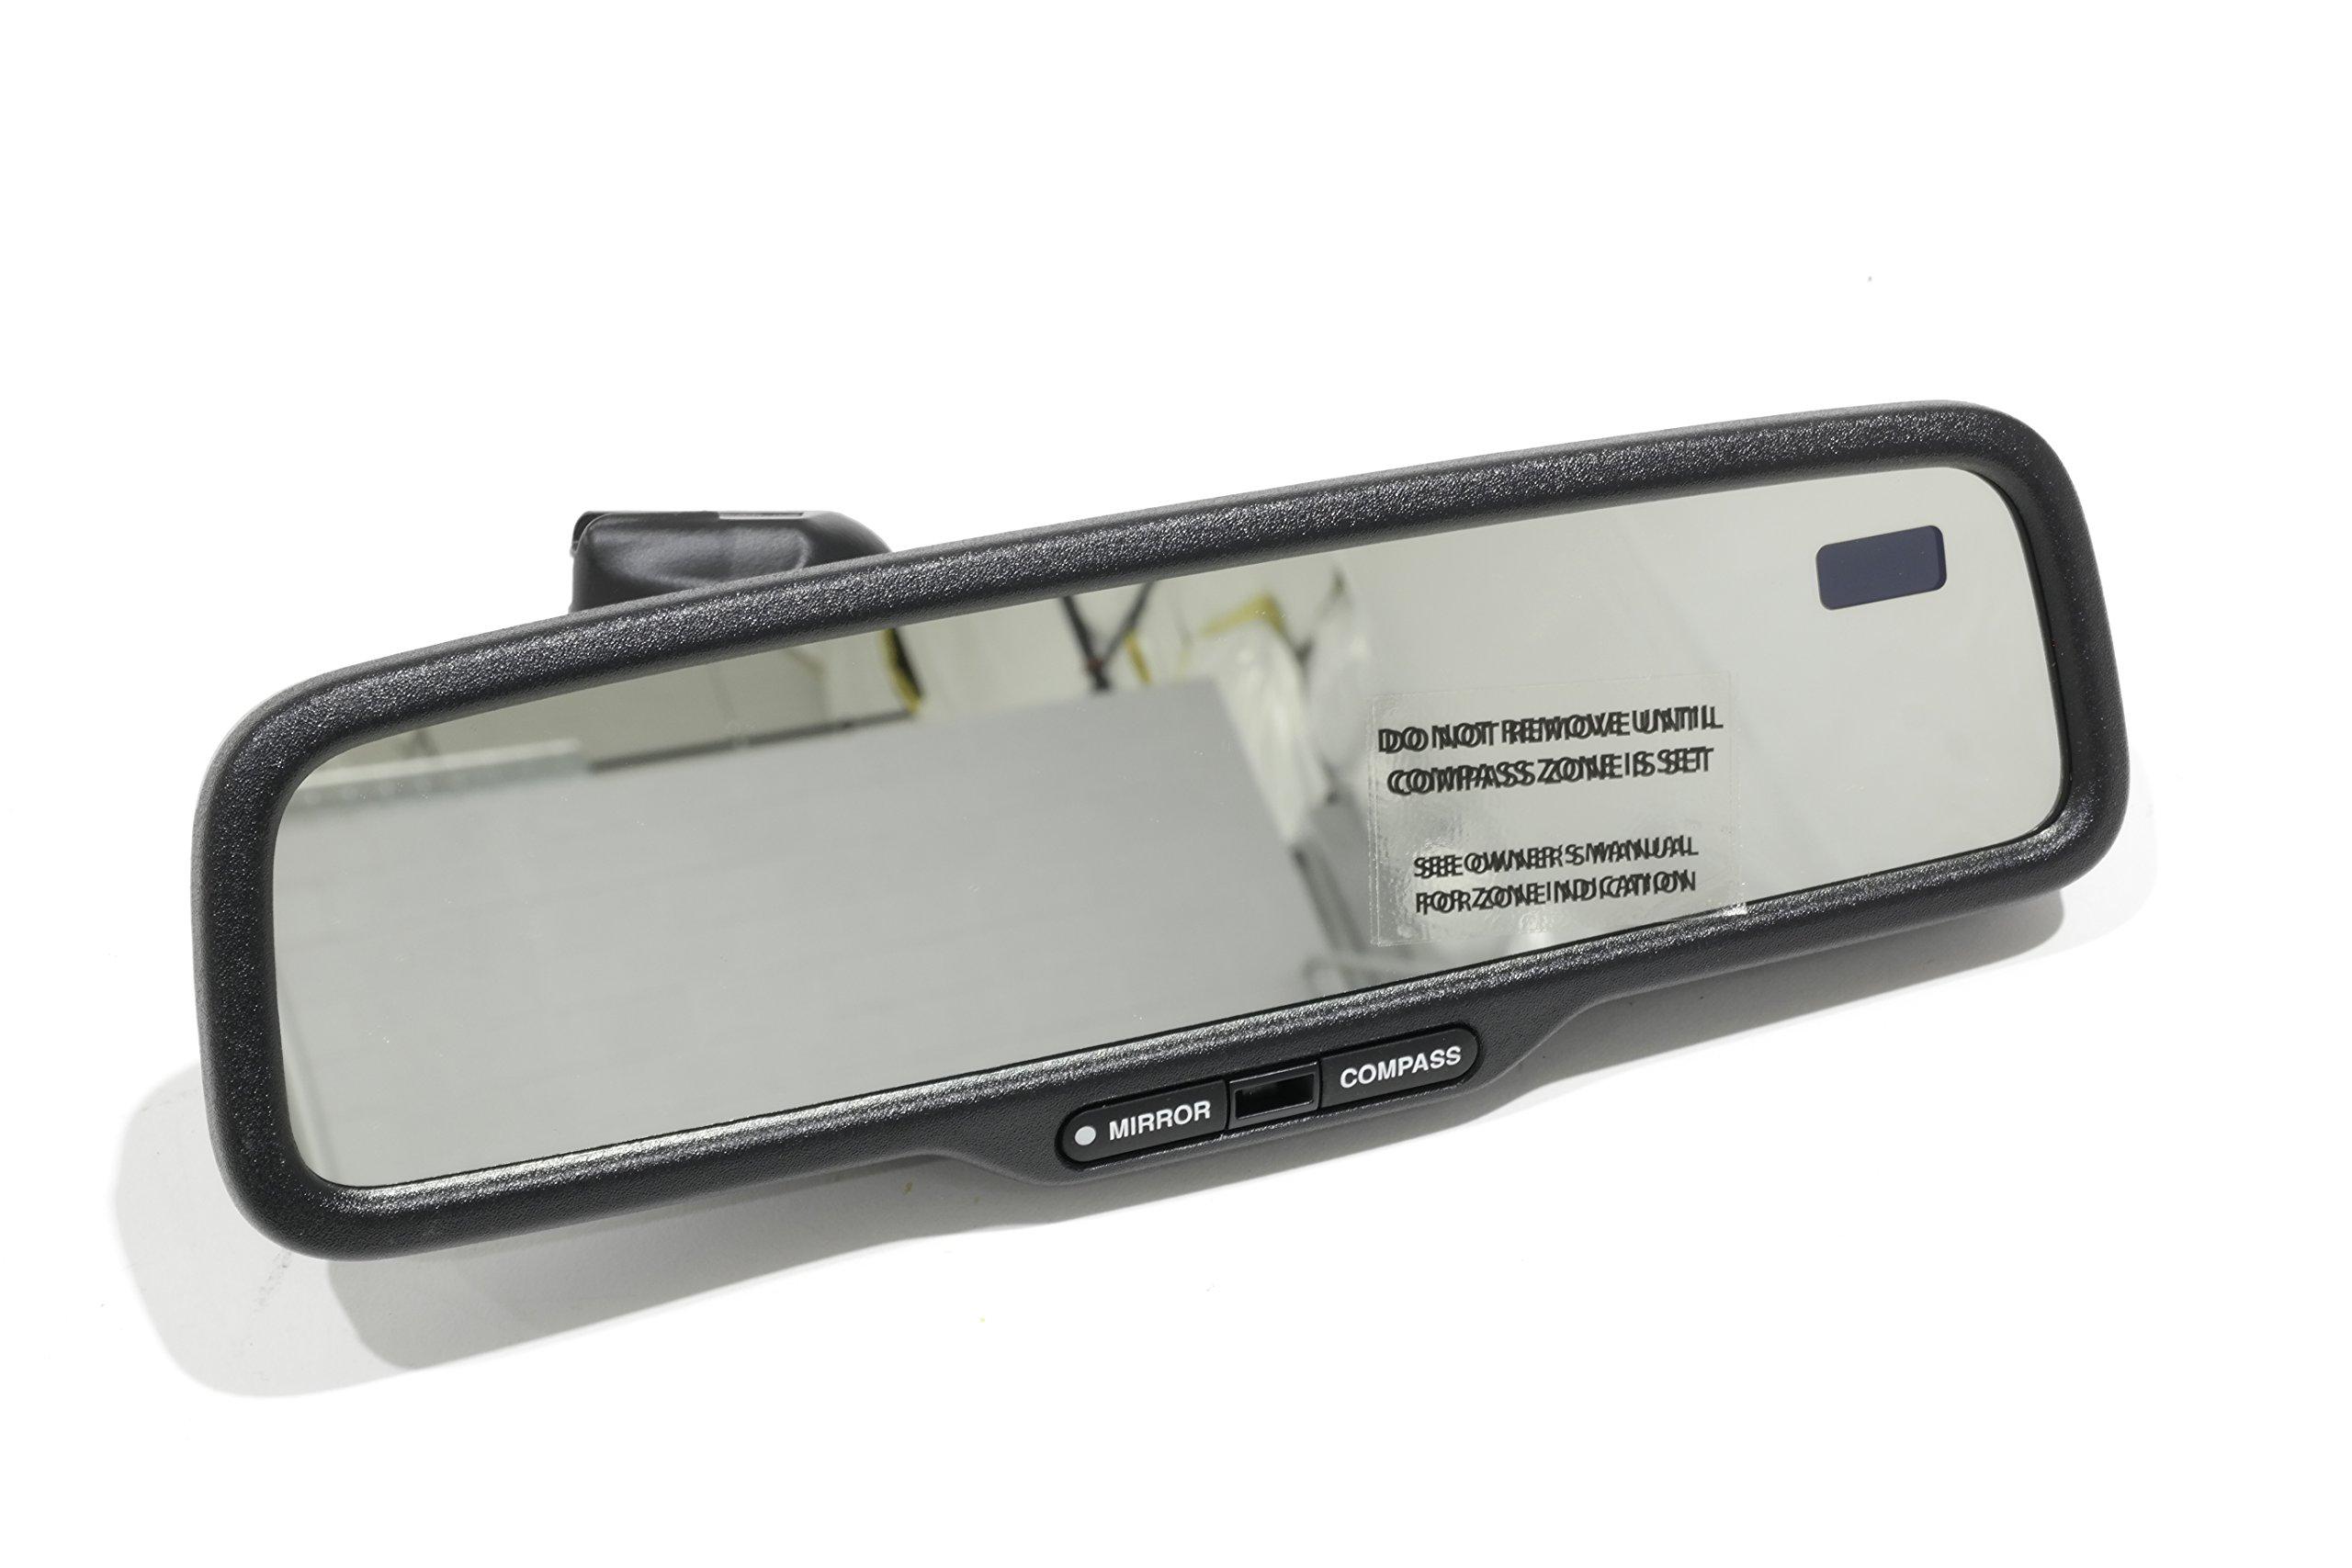 SUBARU Genuine H501SFJ101 Auto-Dimming Mirror